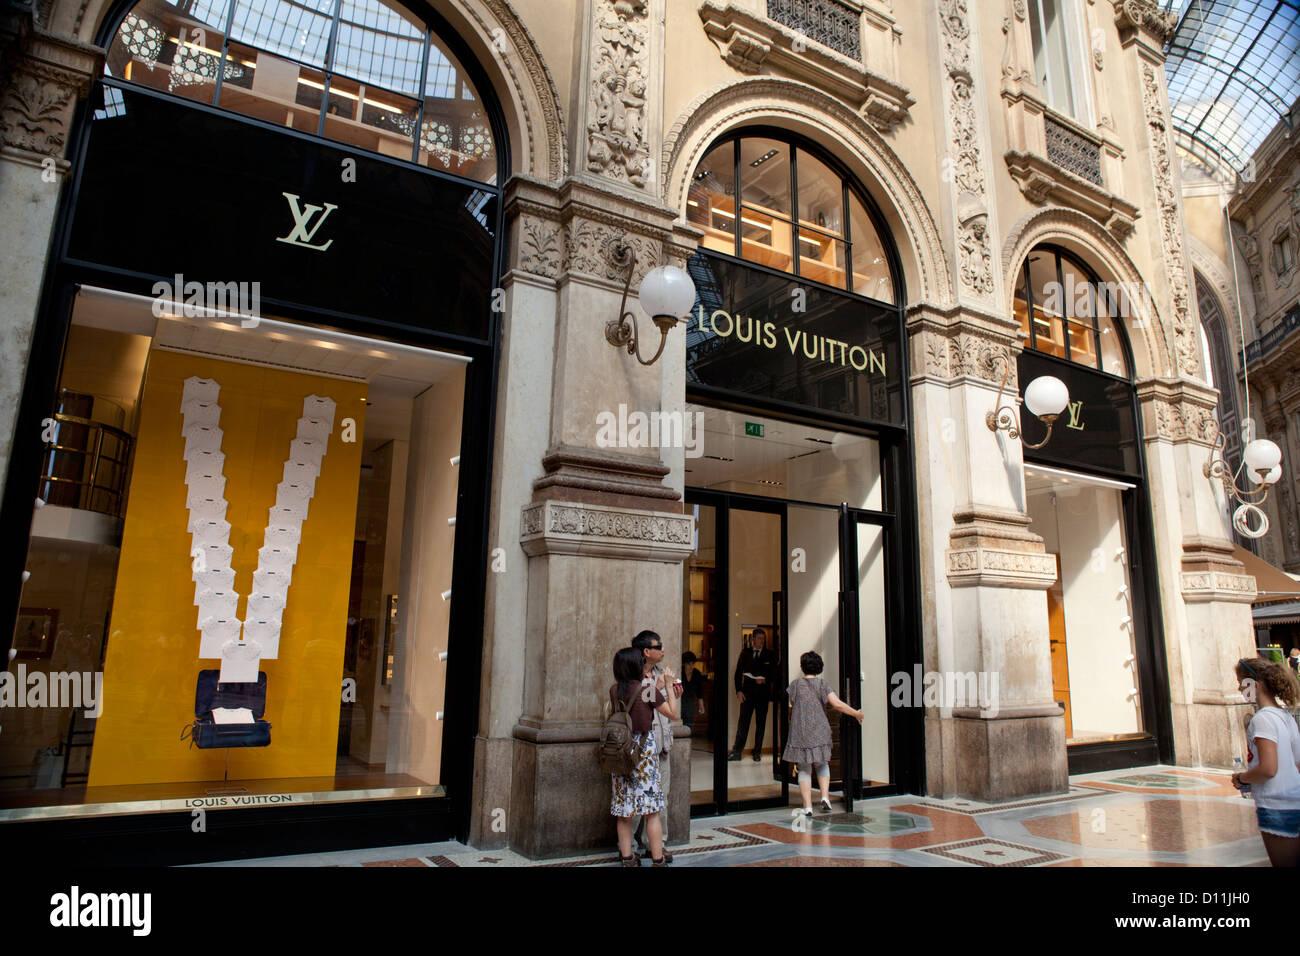 Lv Luis Vuitton Luxury Store In The Galleria Vittorio Emanuele Ii In